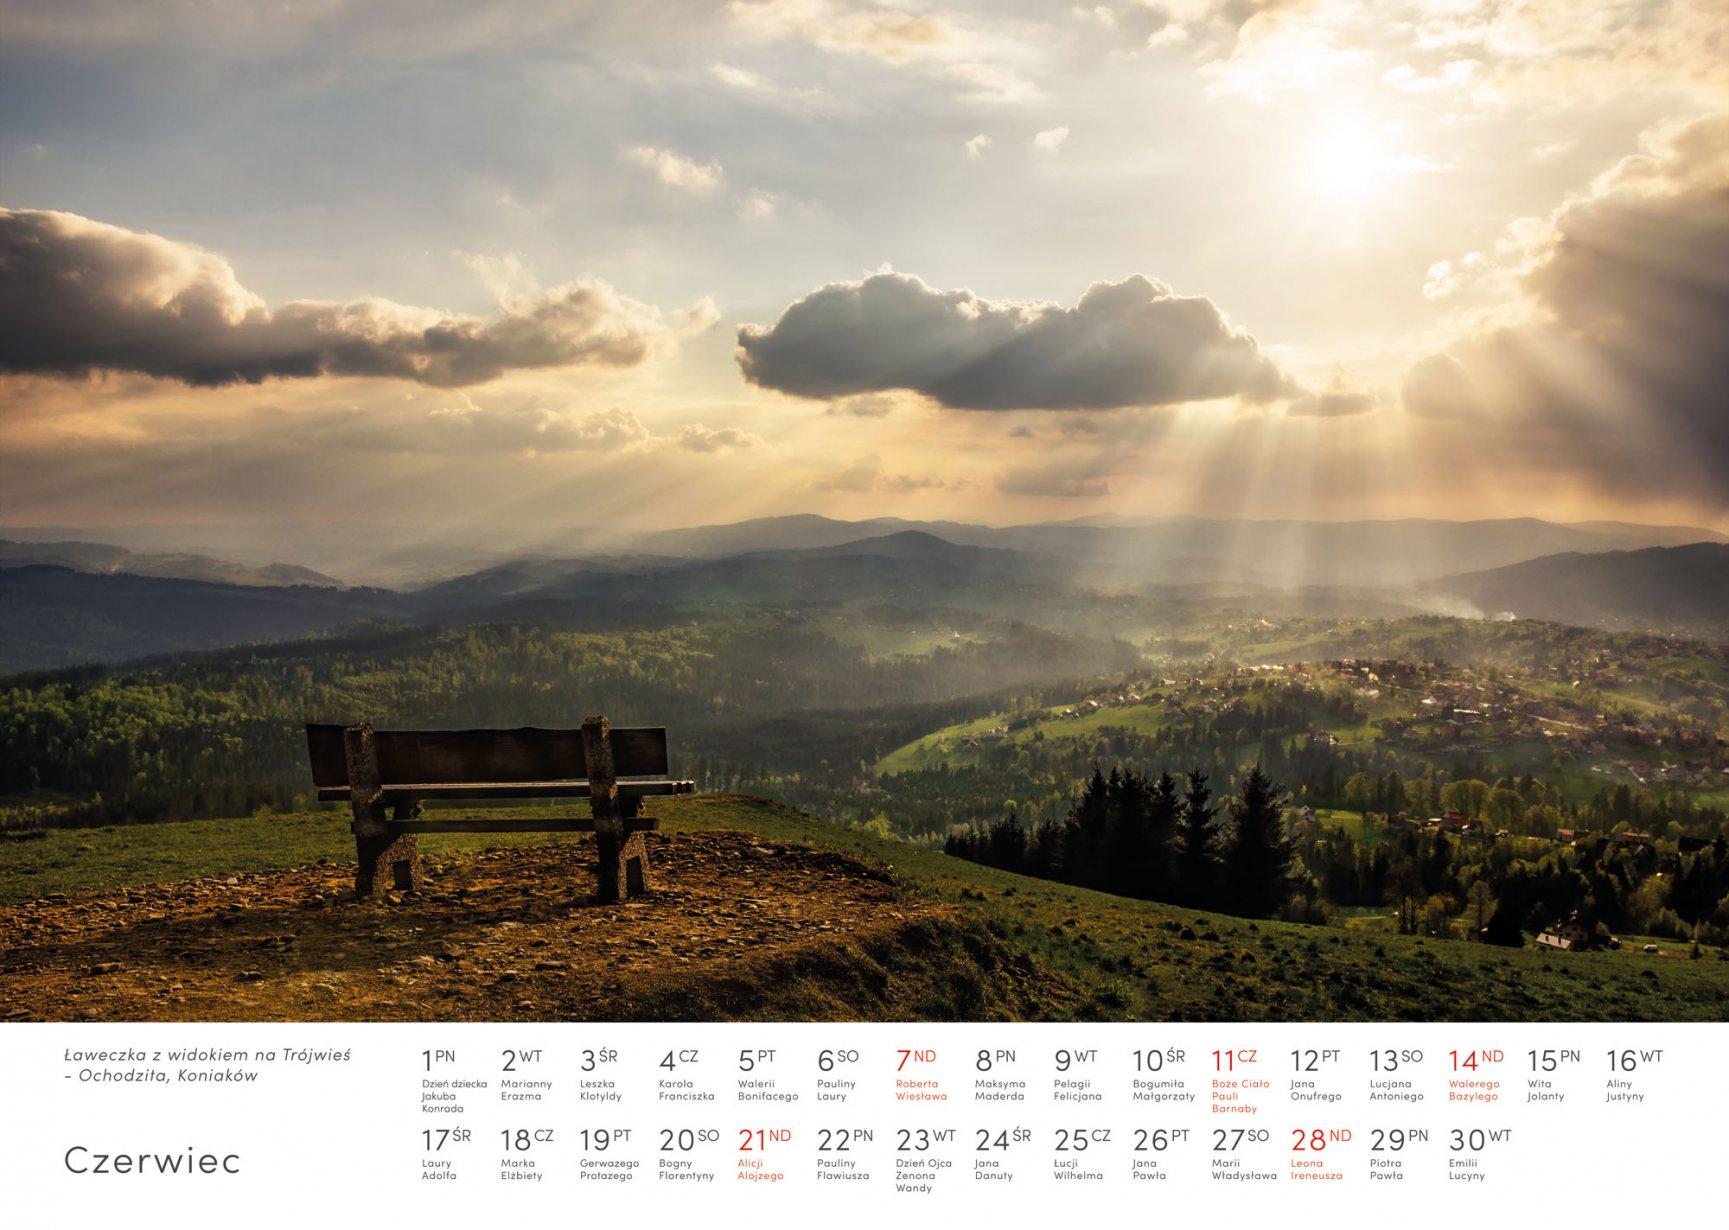 Kalendarz krajobrazy 2020 - Czerwiec - Piotr Kałuża - Ławka na Ochodzitej Koniaków